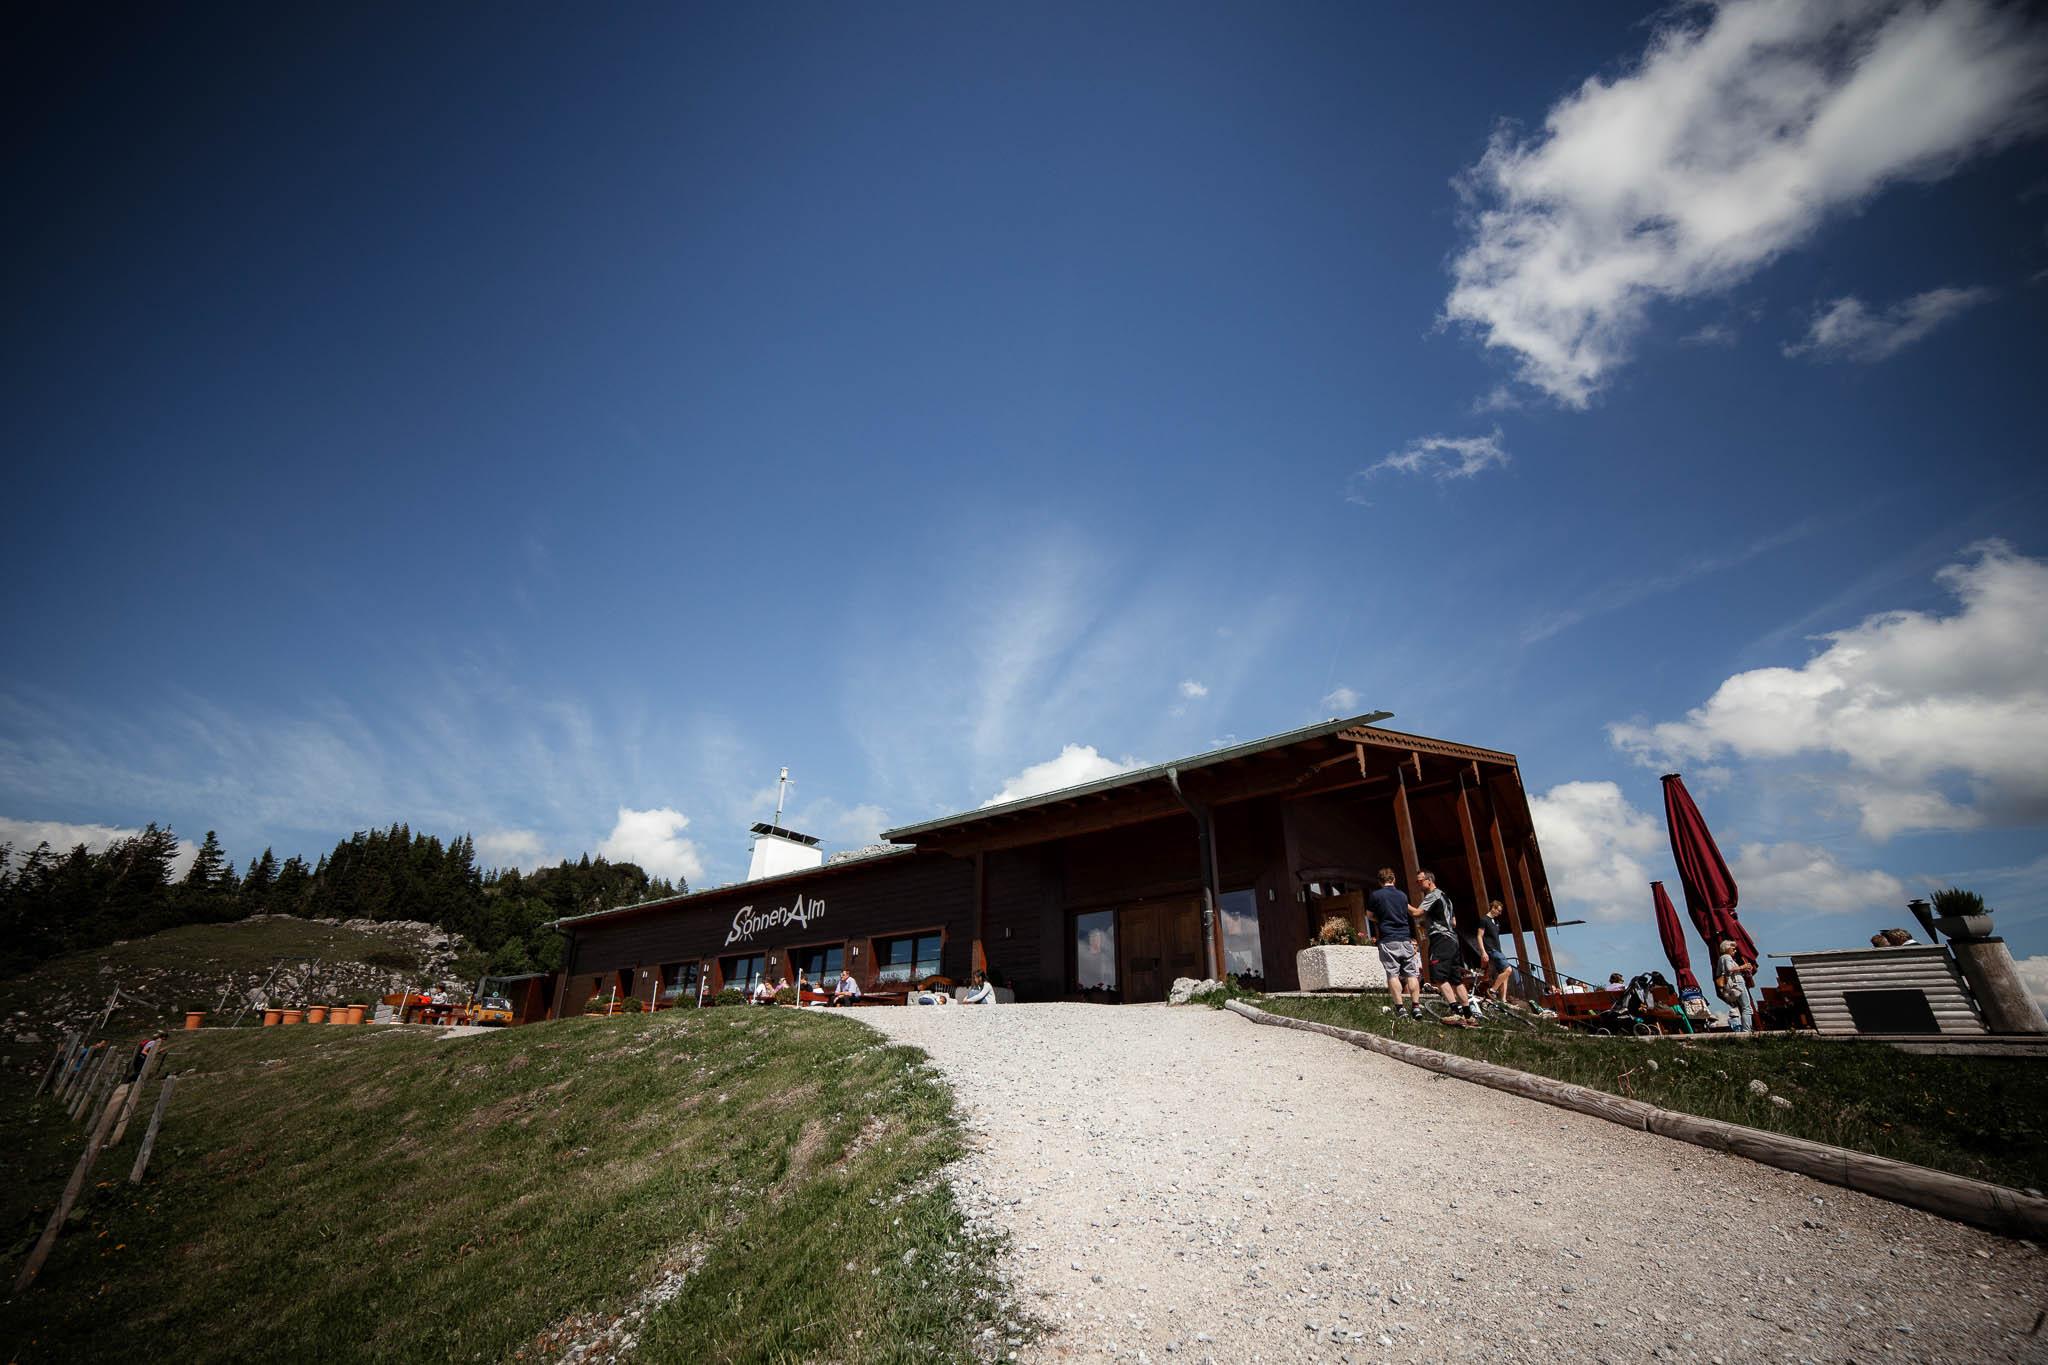 Hochzeitsfotograf Alpen, Chiemgau: freie Trauung von Dennis & Dirk 6